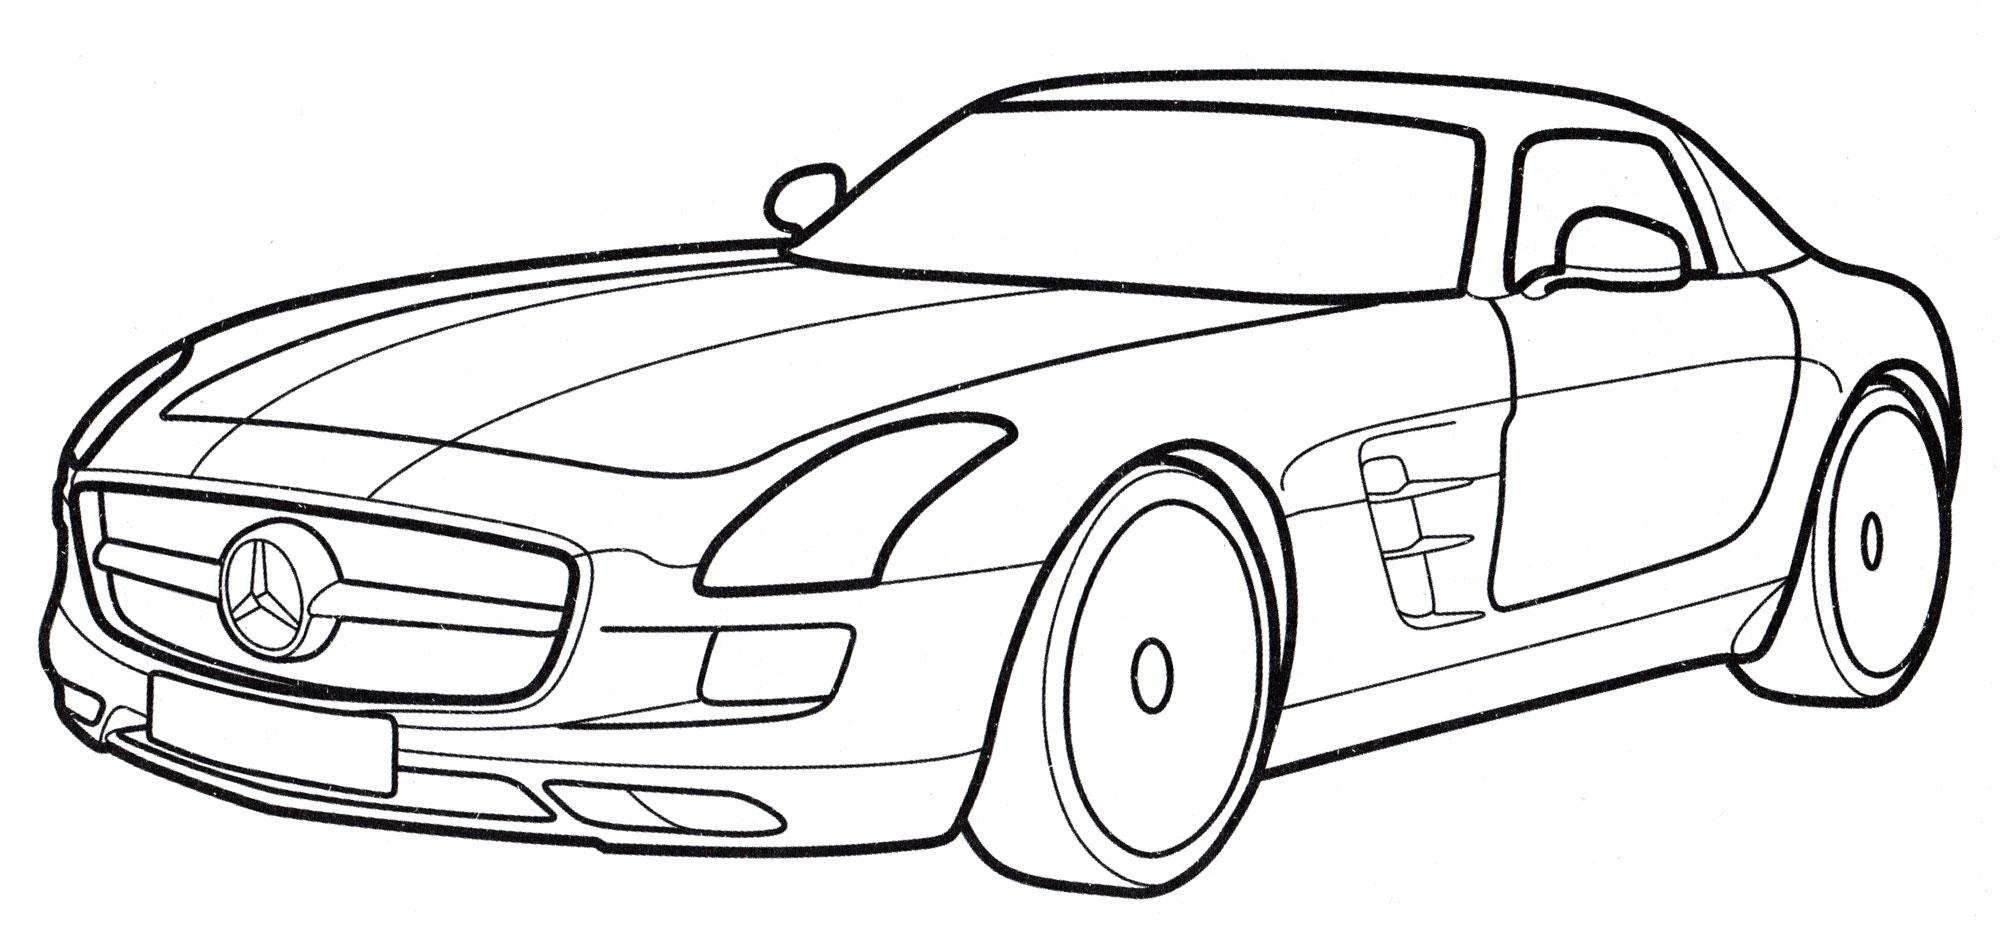 Раскраска Mercedes SLS AMG - распечатать бесплатно